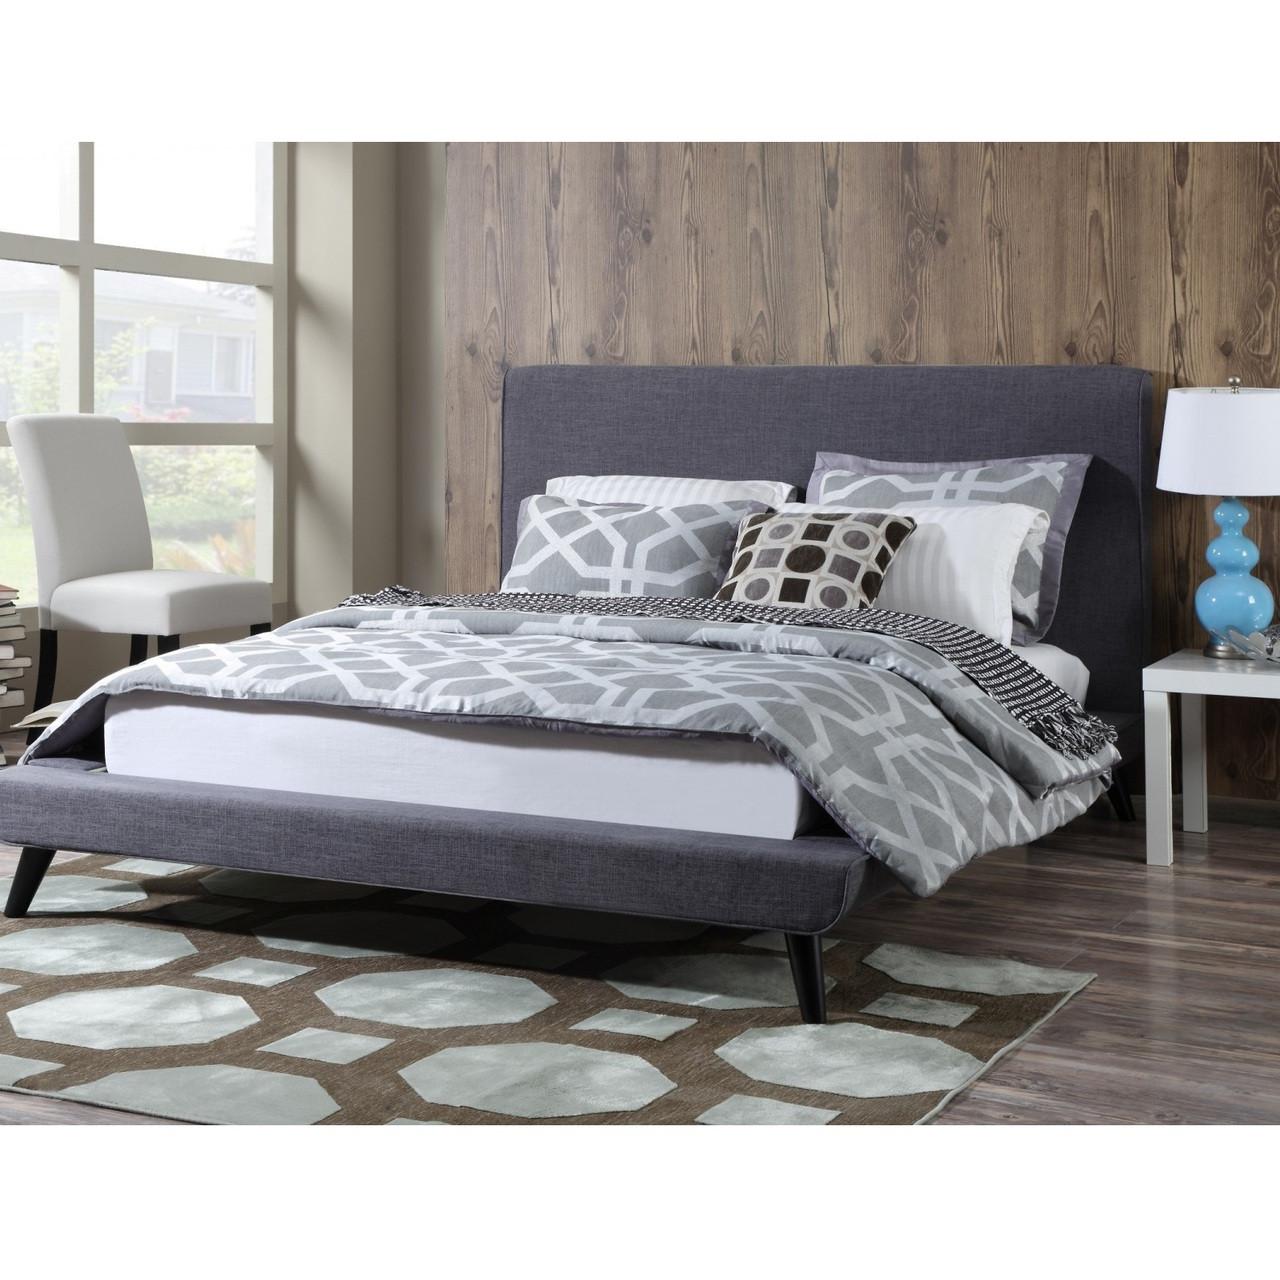 nixon mid century modern grey linen queen platform bed